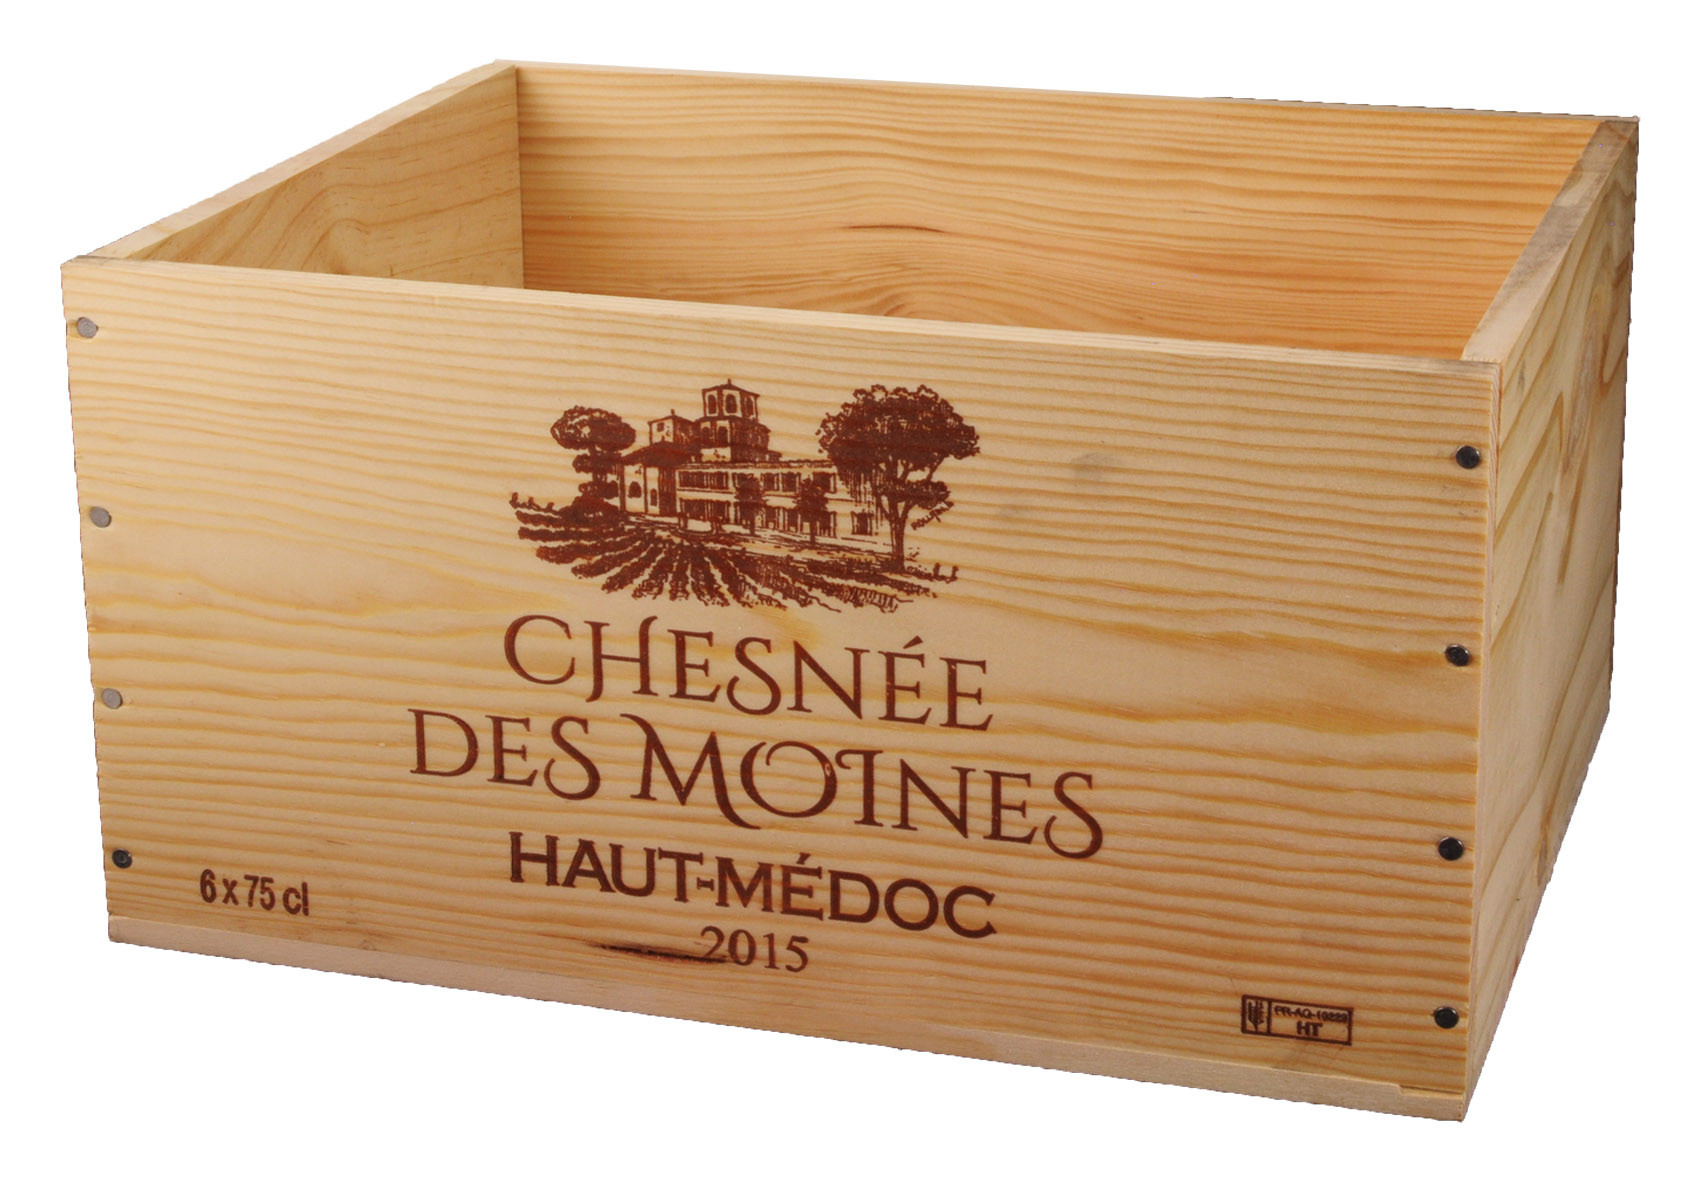 Caisse Bois 6x75cl estampillé Chesnée des moines www.odyssee-vins.com